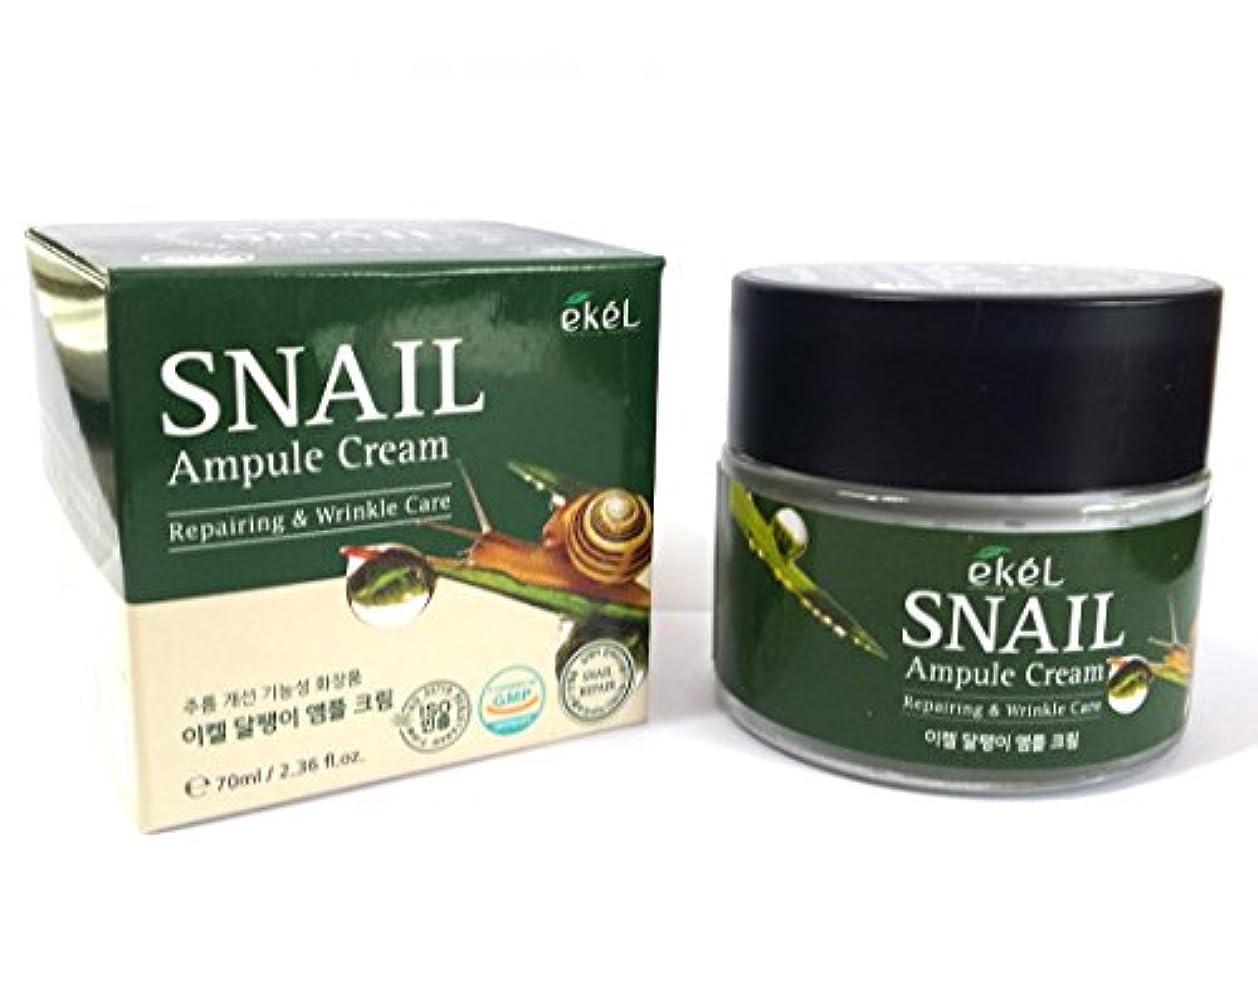 フェザーシリング完了[EKEL] カタツムリアンプルクリーム70ml / Snail Ampule Cream 70ml / / リペアリング&リンクルケア / ハイドレーティングクリーム / Repairing & Wrinkle Care...